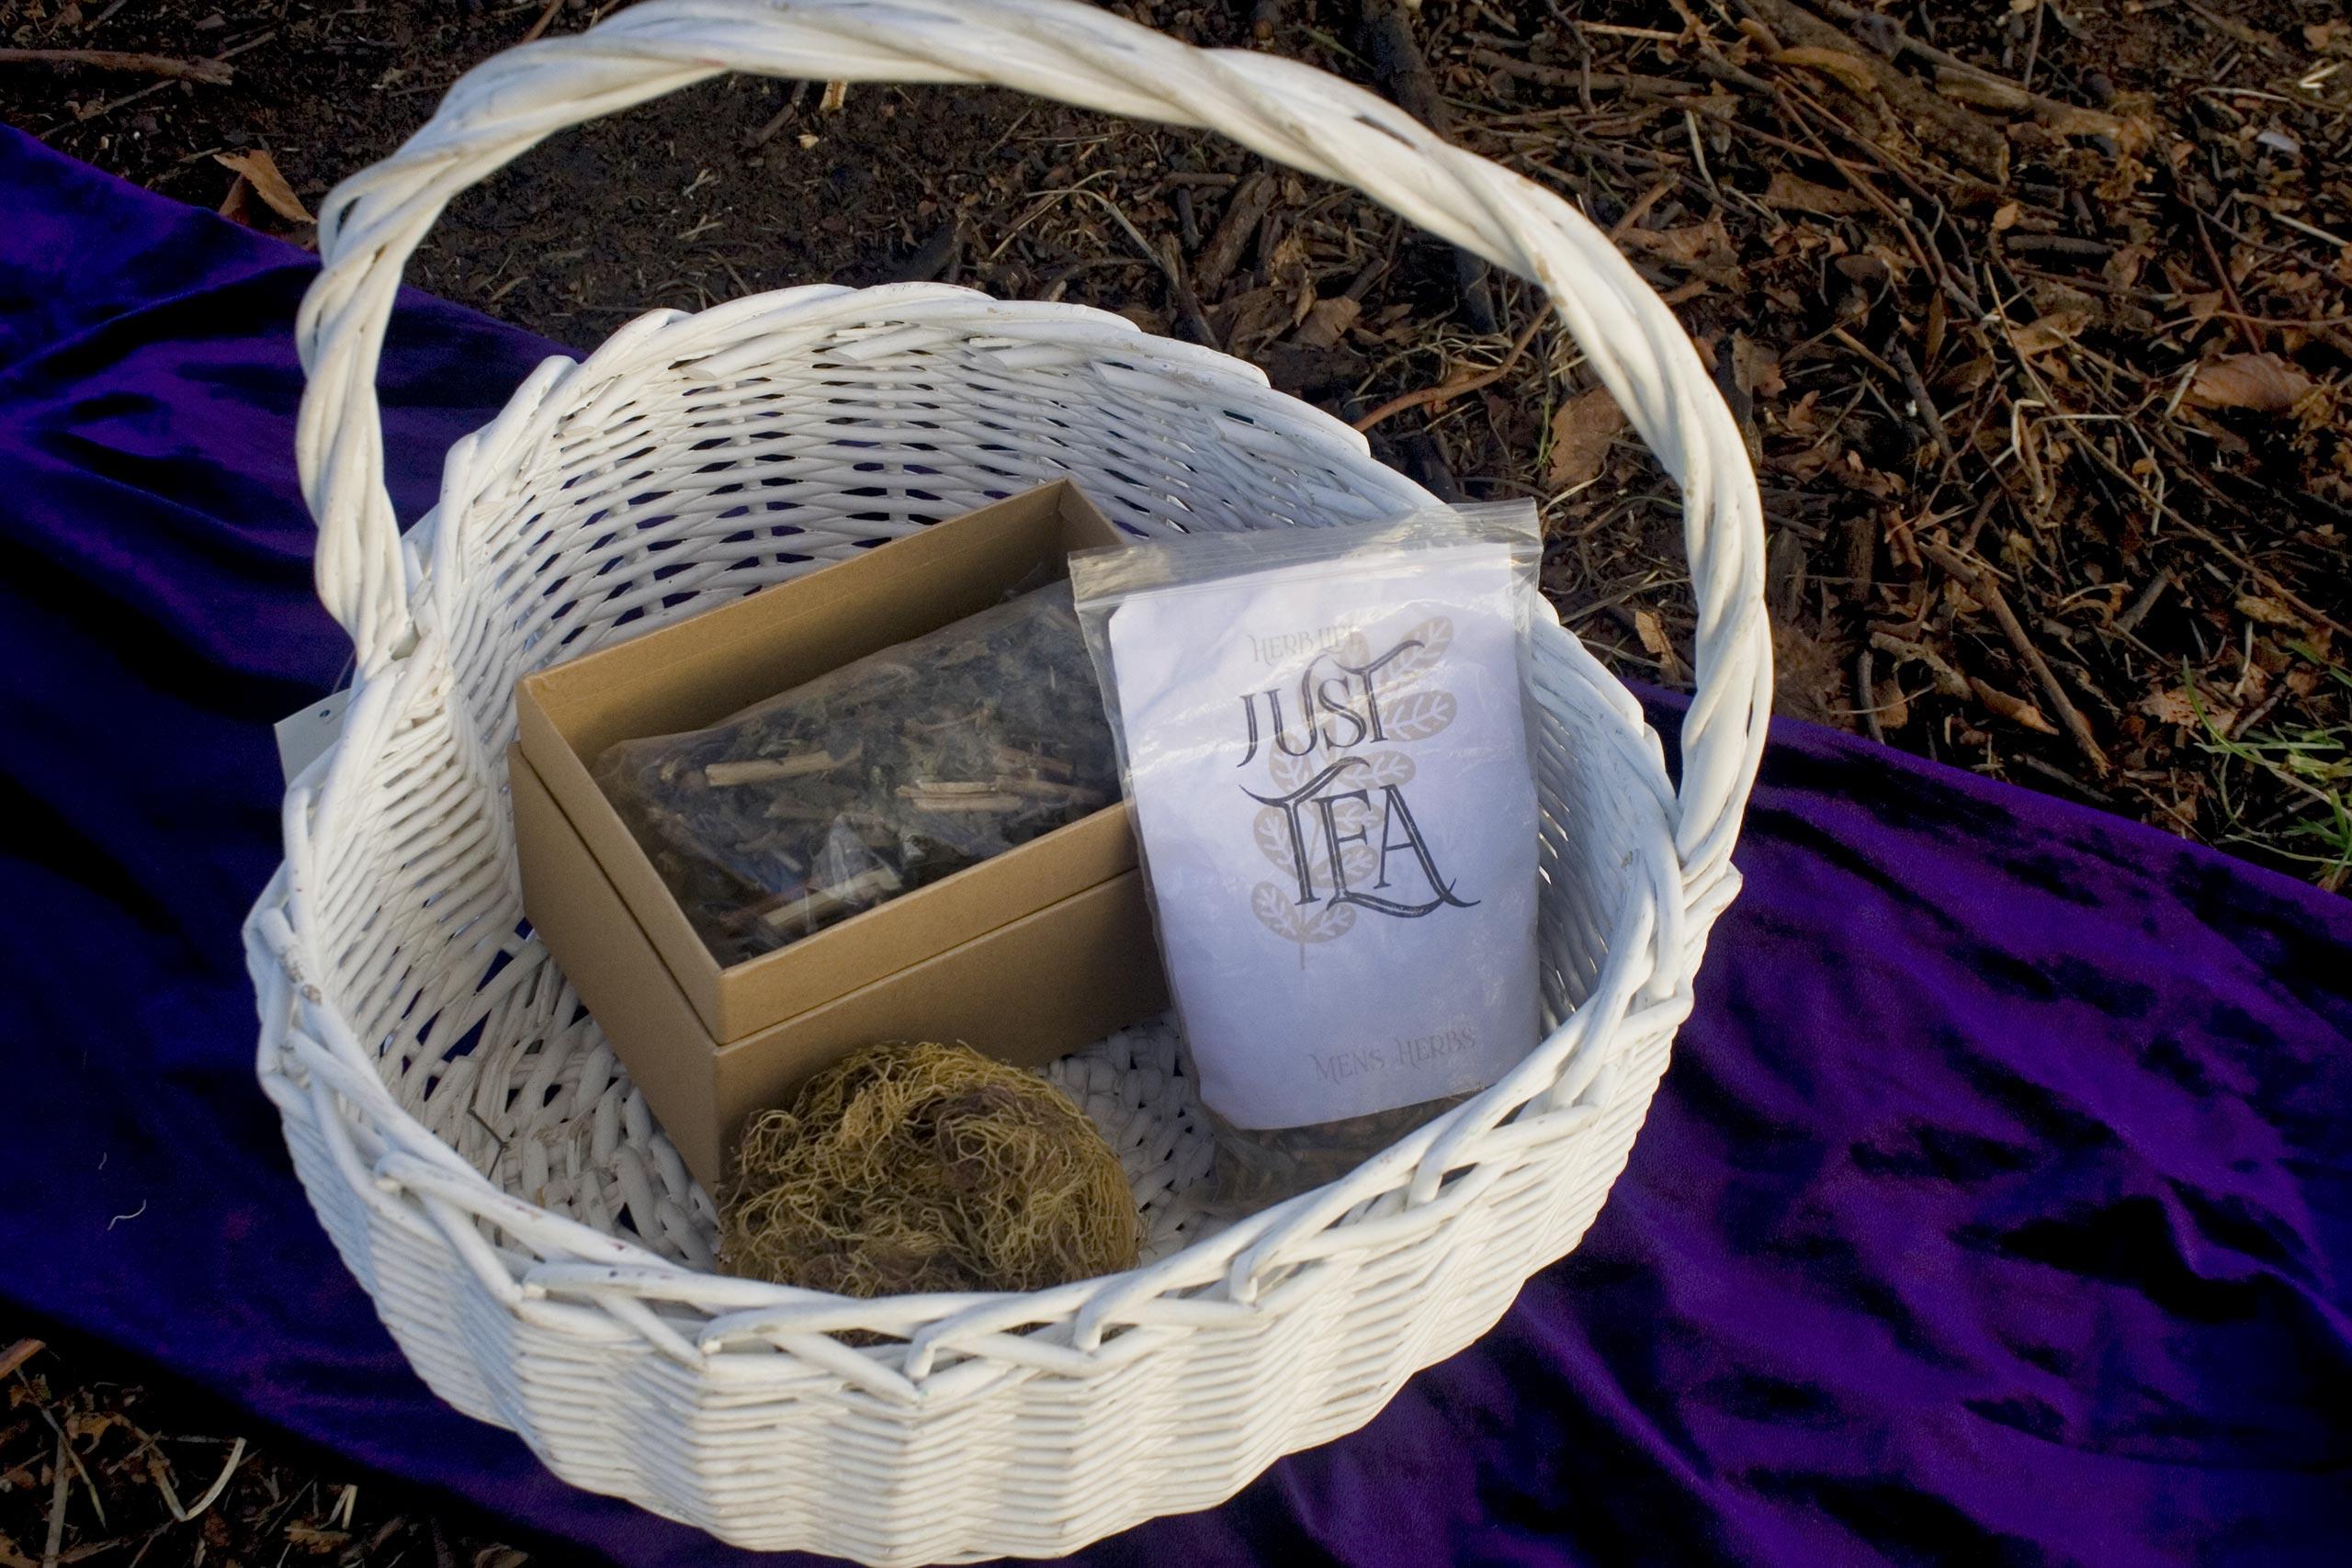 just-tea-slide-a